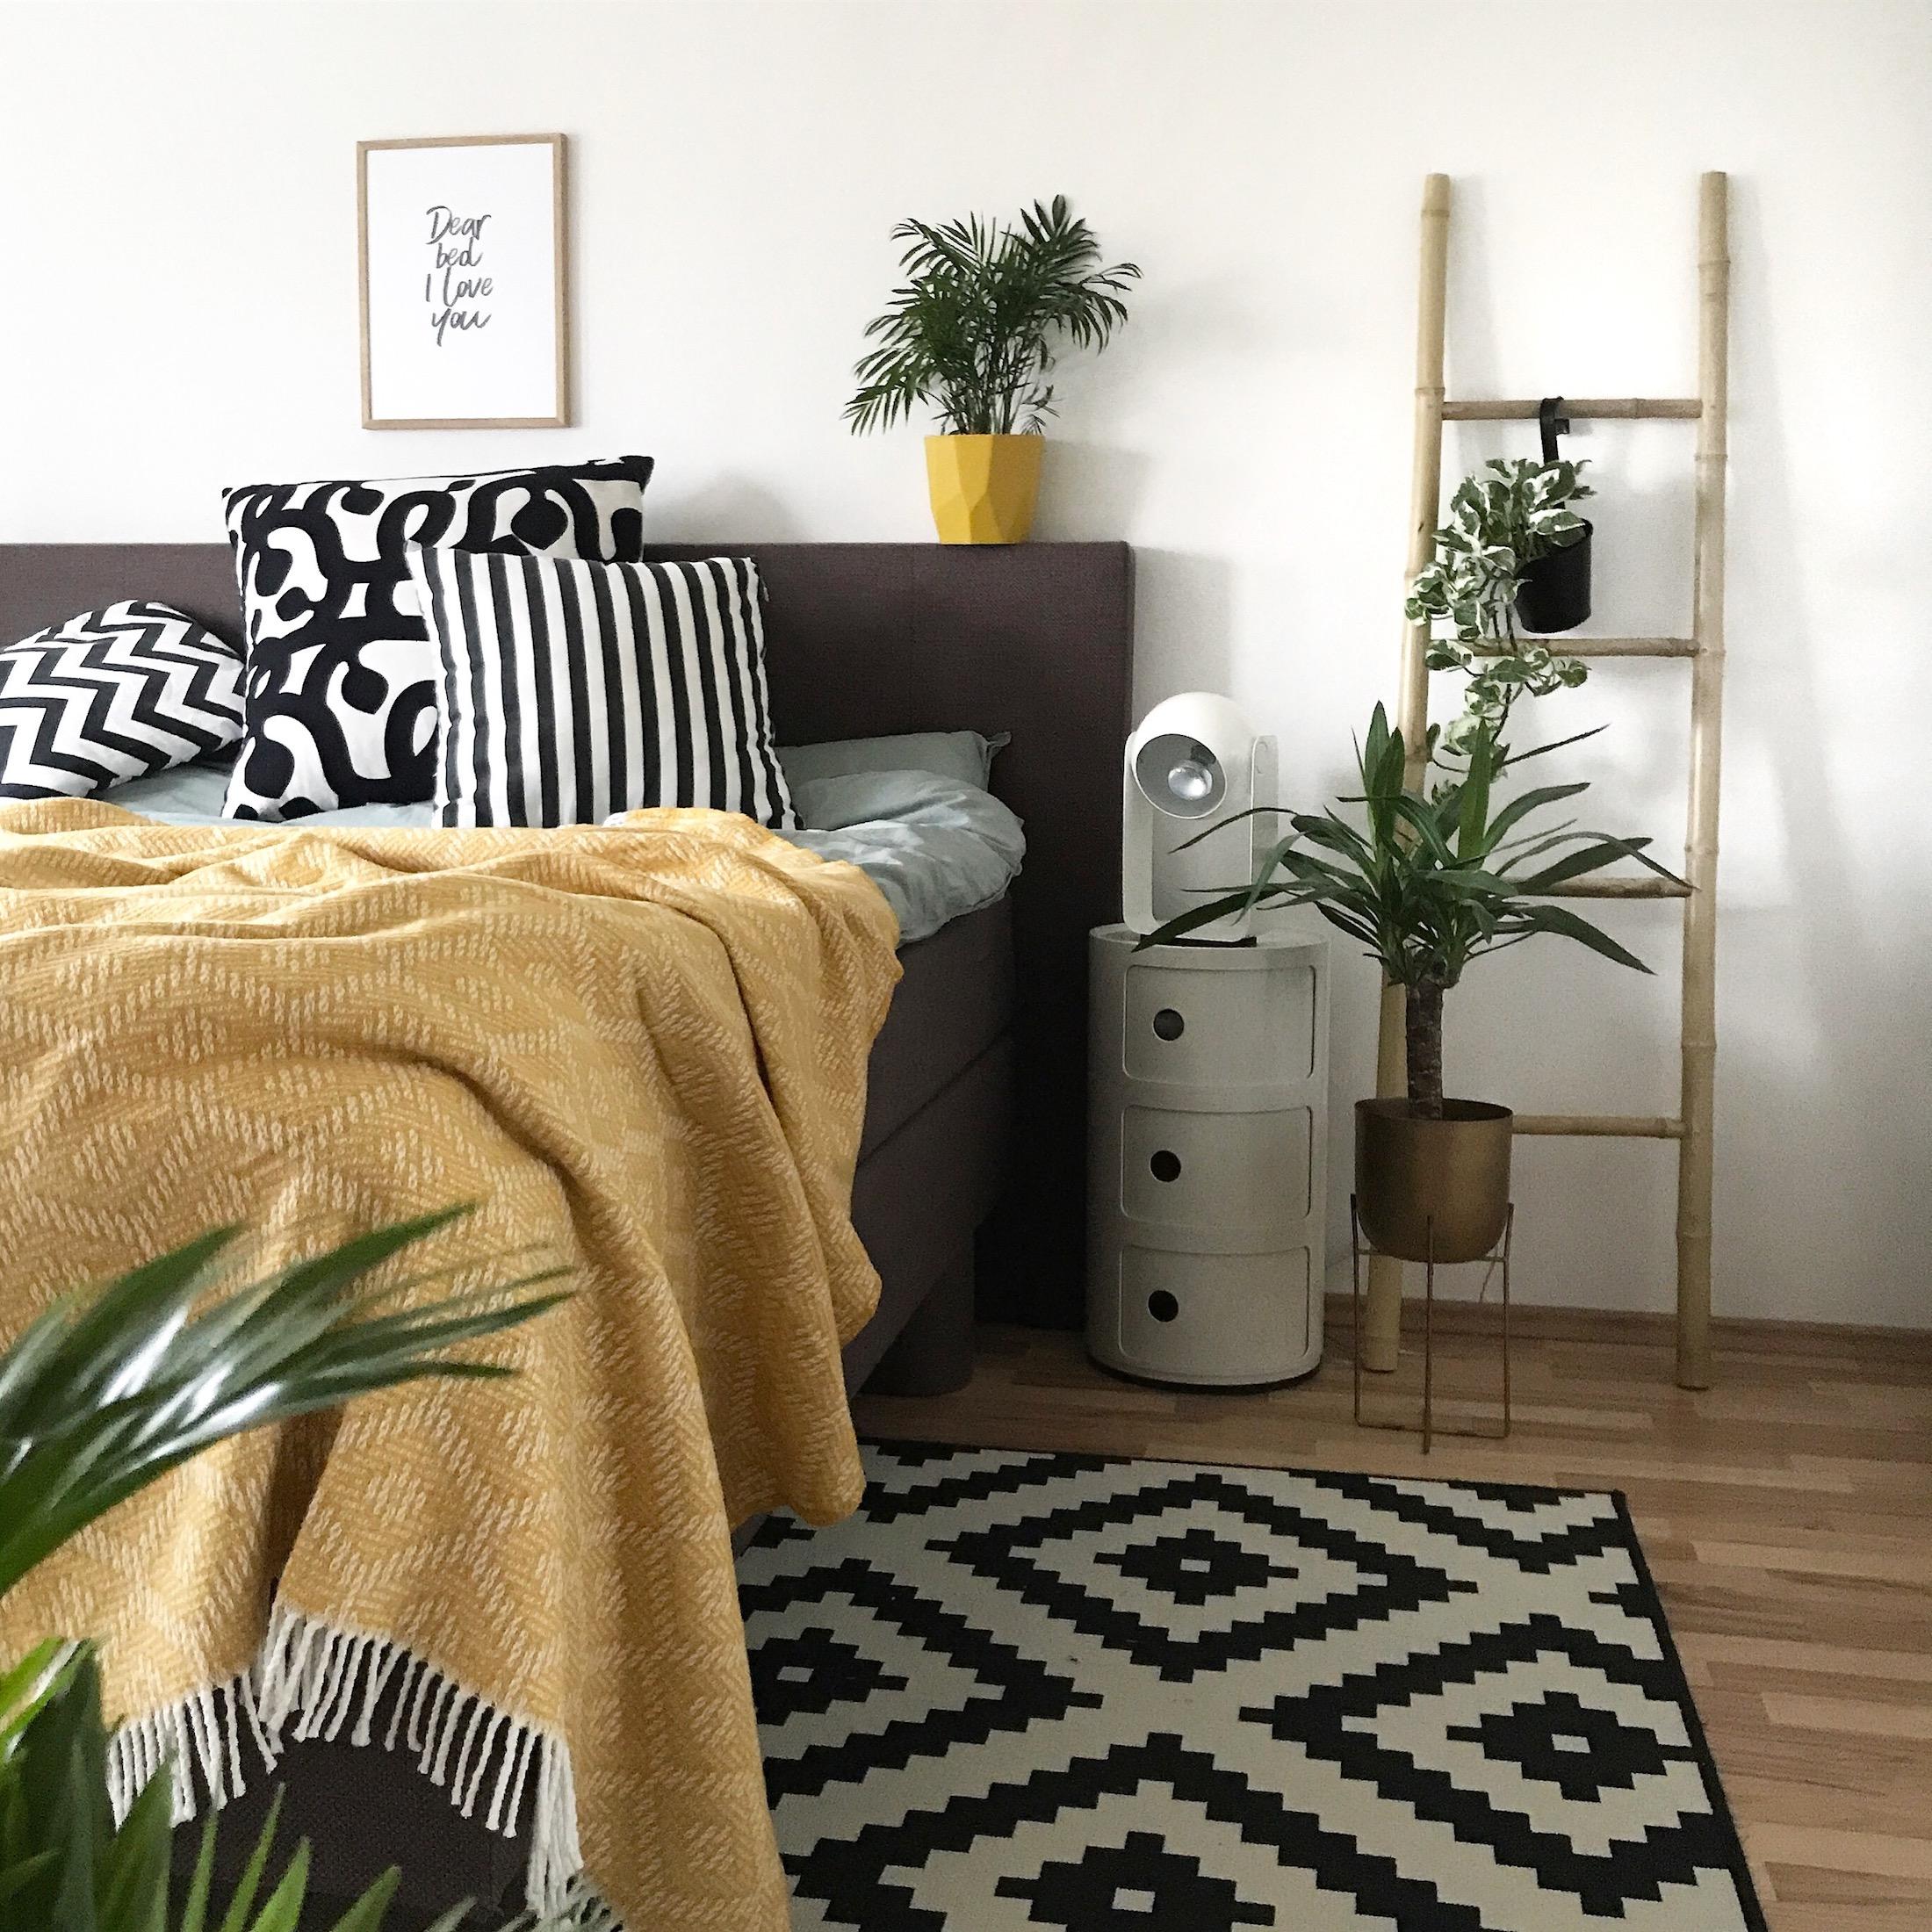 Full Size of Schlafzimmer Wanddeko Ideen Metall Holz Wanddekoration Ikea Bilder Selber Machen Amazon Deko Tipps Tapeten Lampen Set Mit Matratze Und Lattenrost Stehlampe Wohnzimmer Schlafzimmer Wanddeko